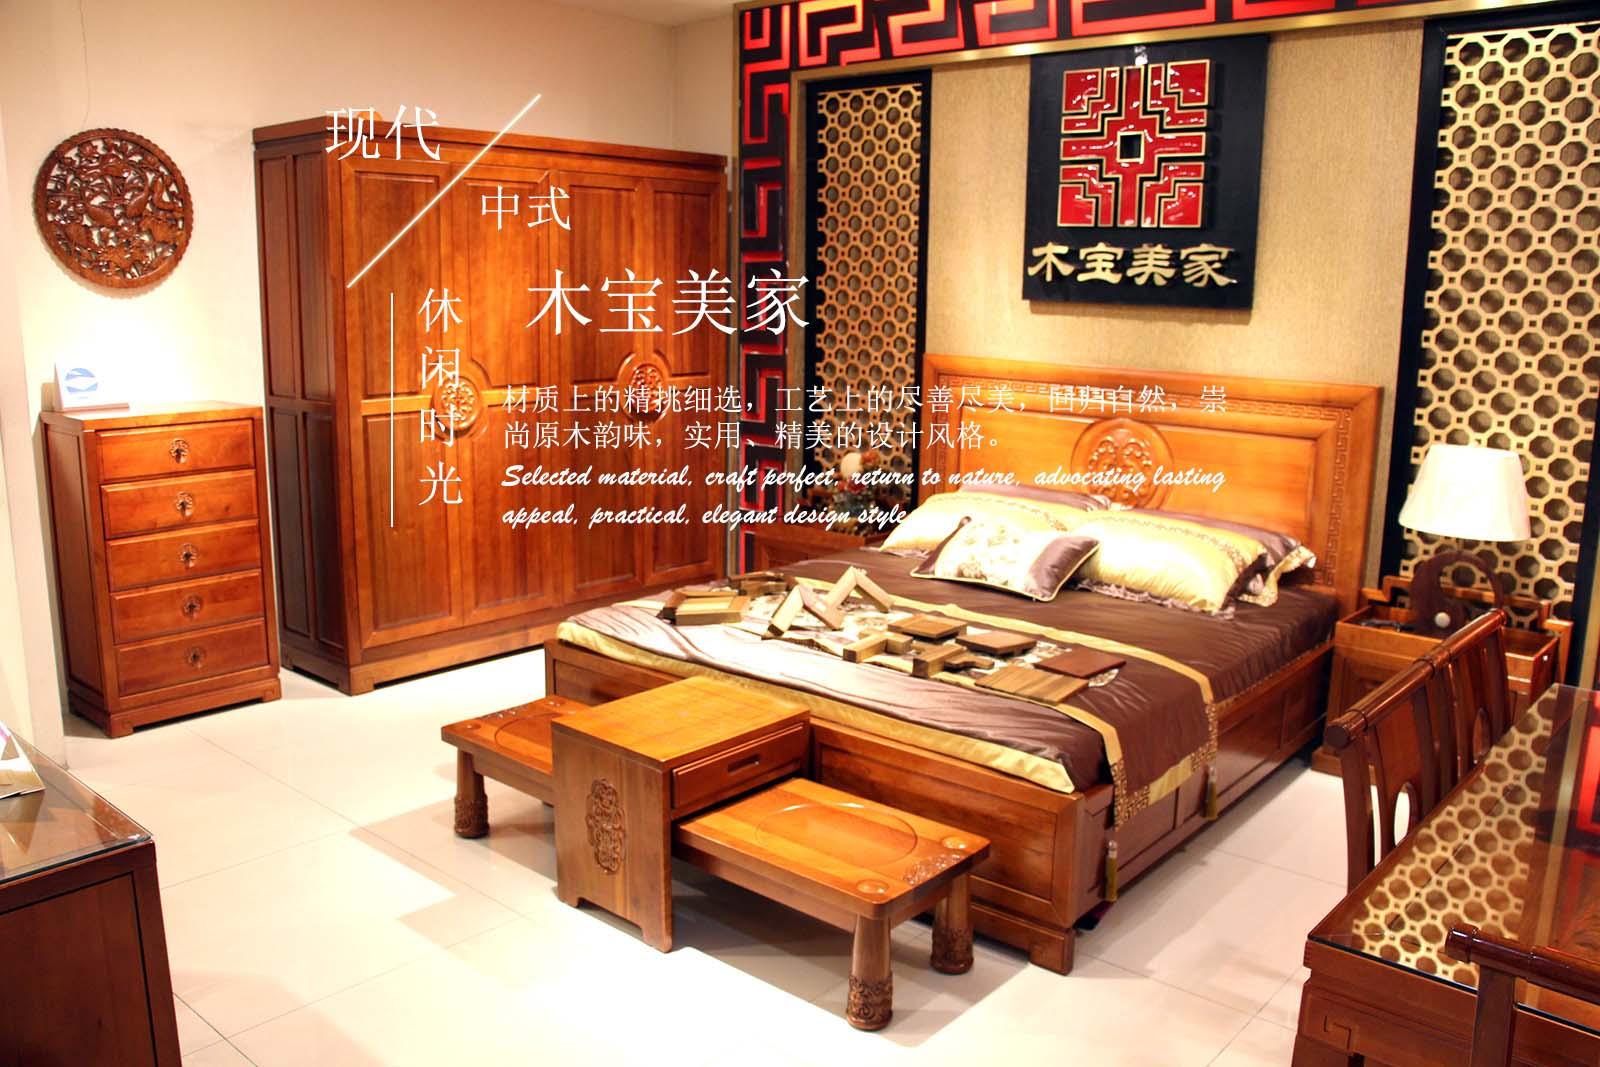 木宝美家中式家具打造烂漫美妙家居生活